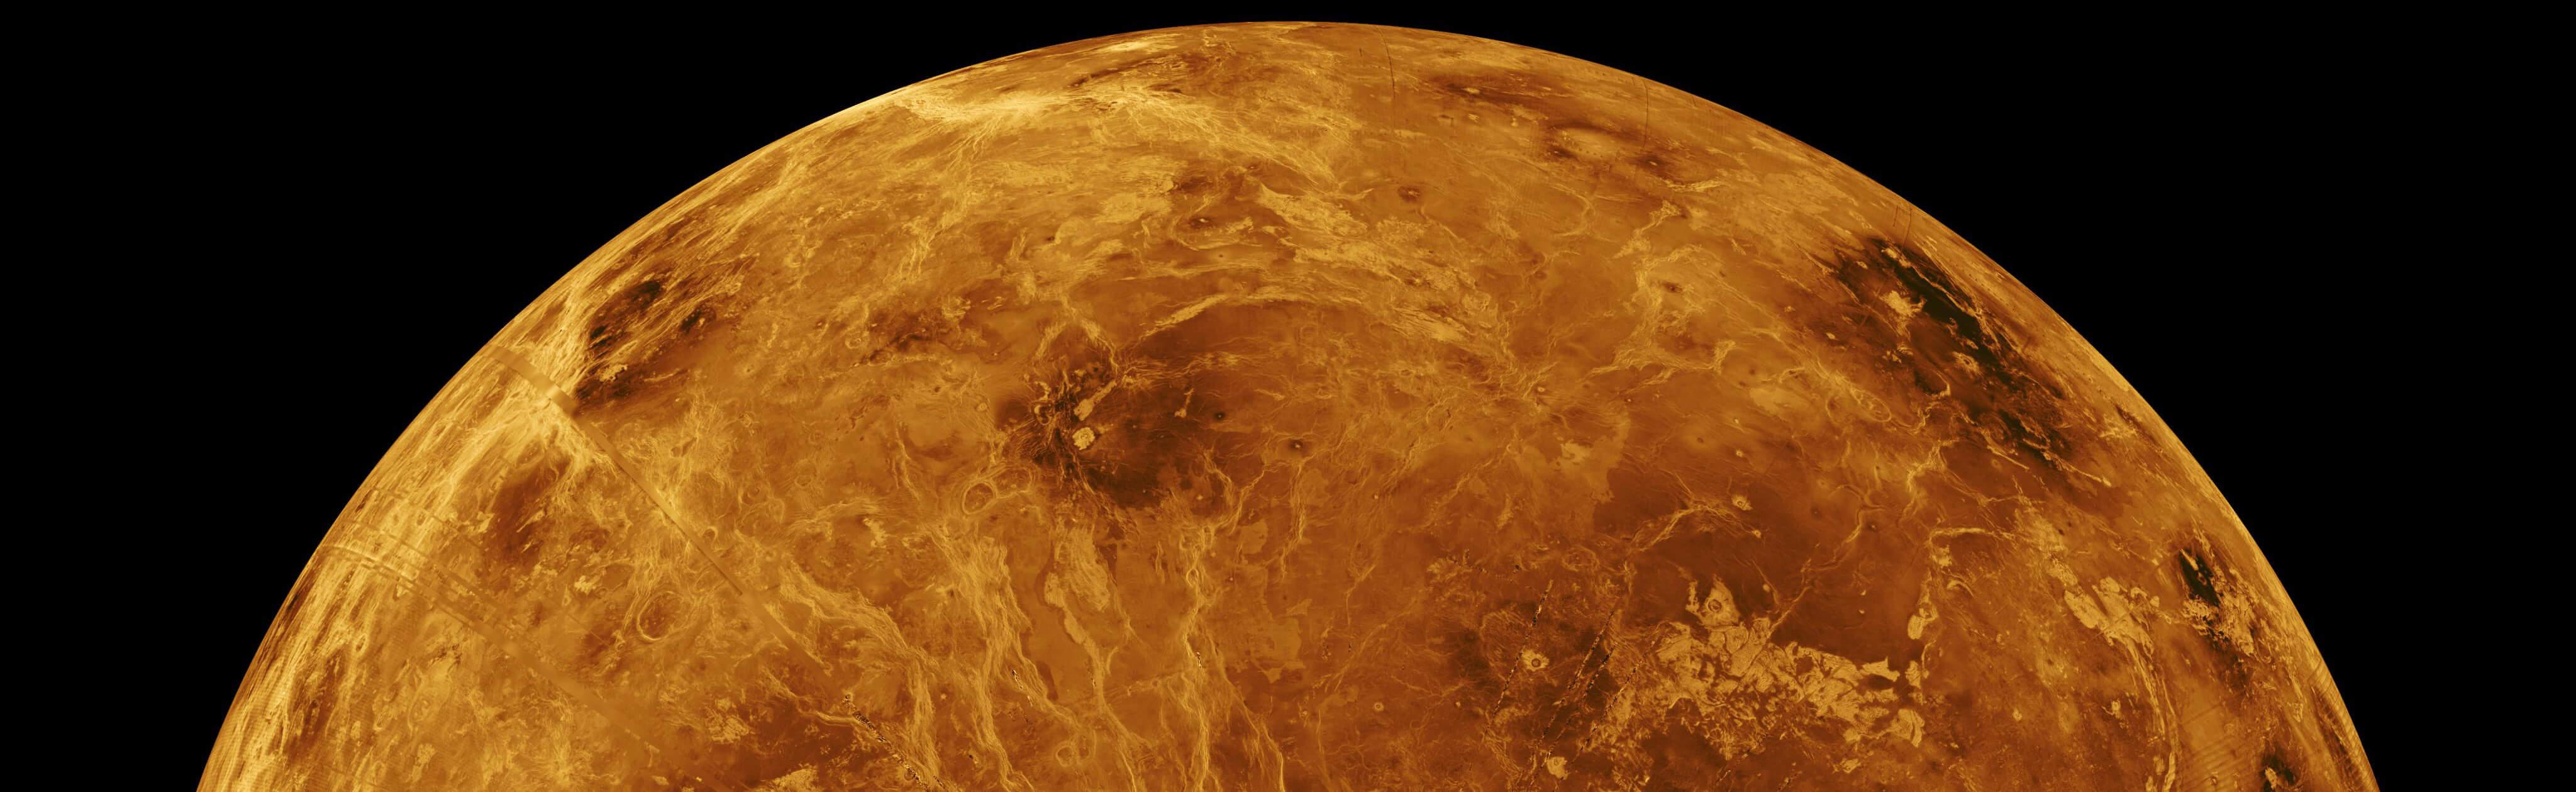 Электроника, которая сможет работать на Венере: как ее создать?